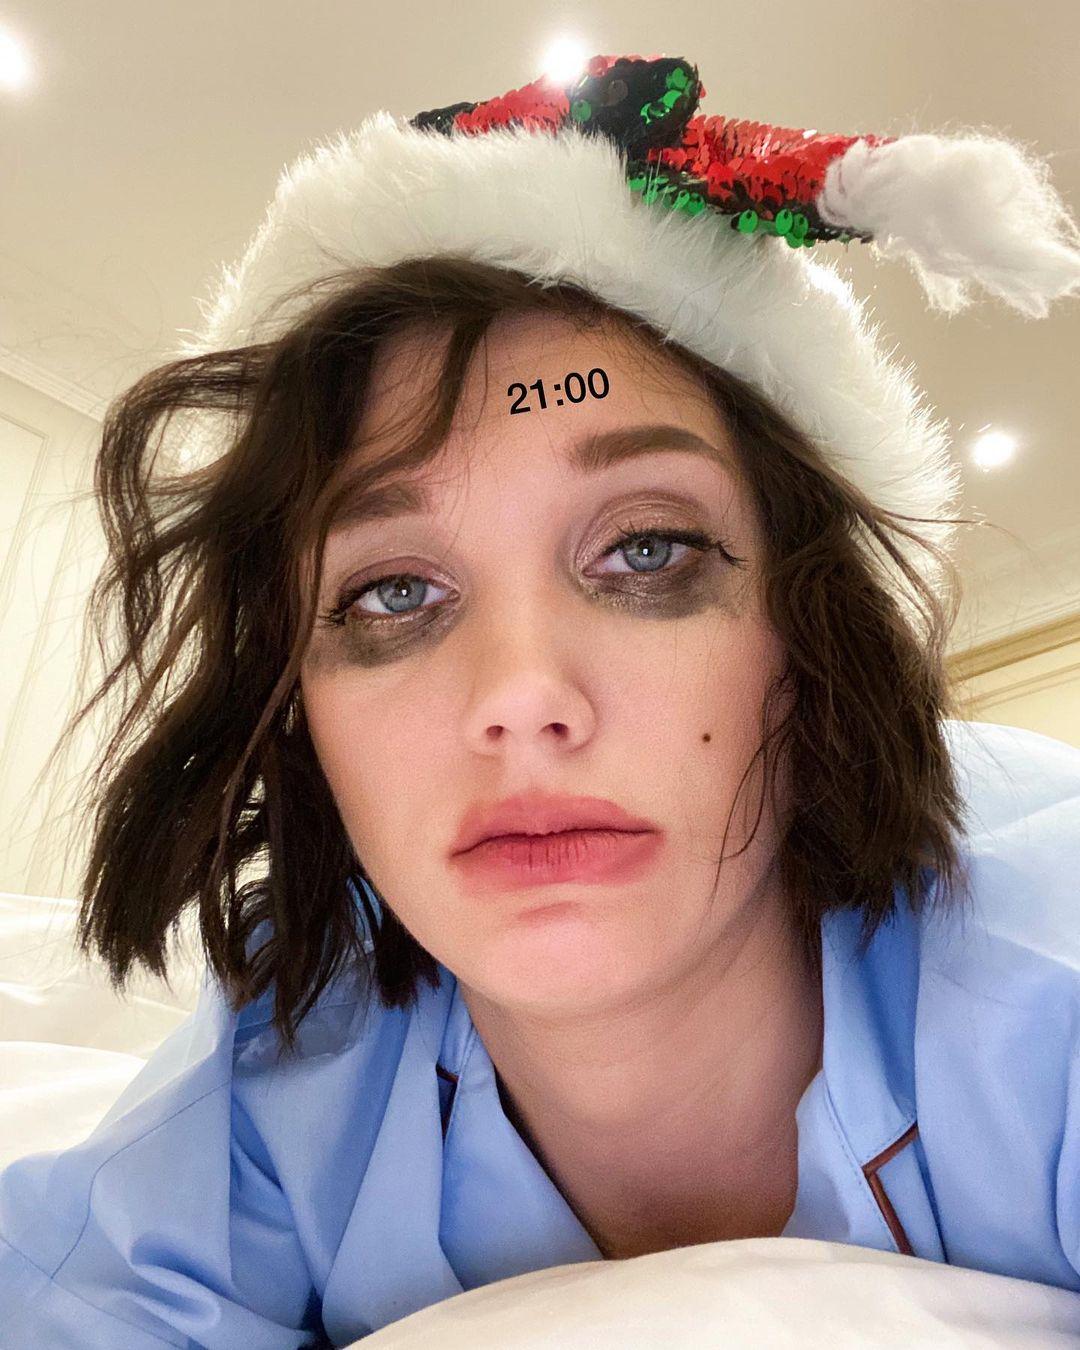 Новый бойфренд Кристины Асмус подарил ей коробку хлоргексидина на Новый год